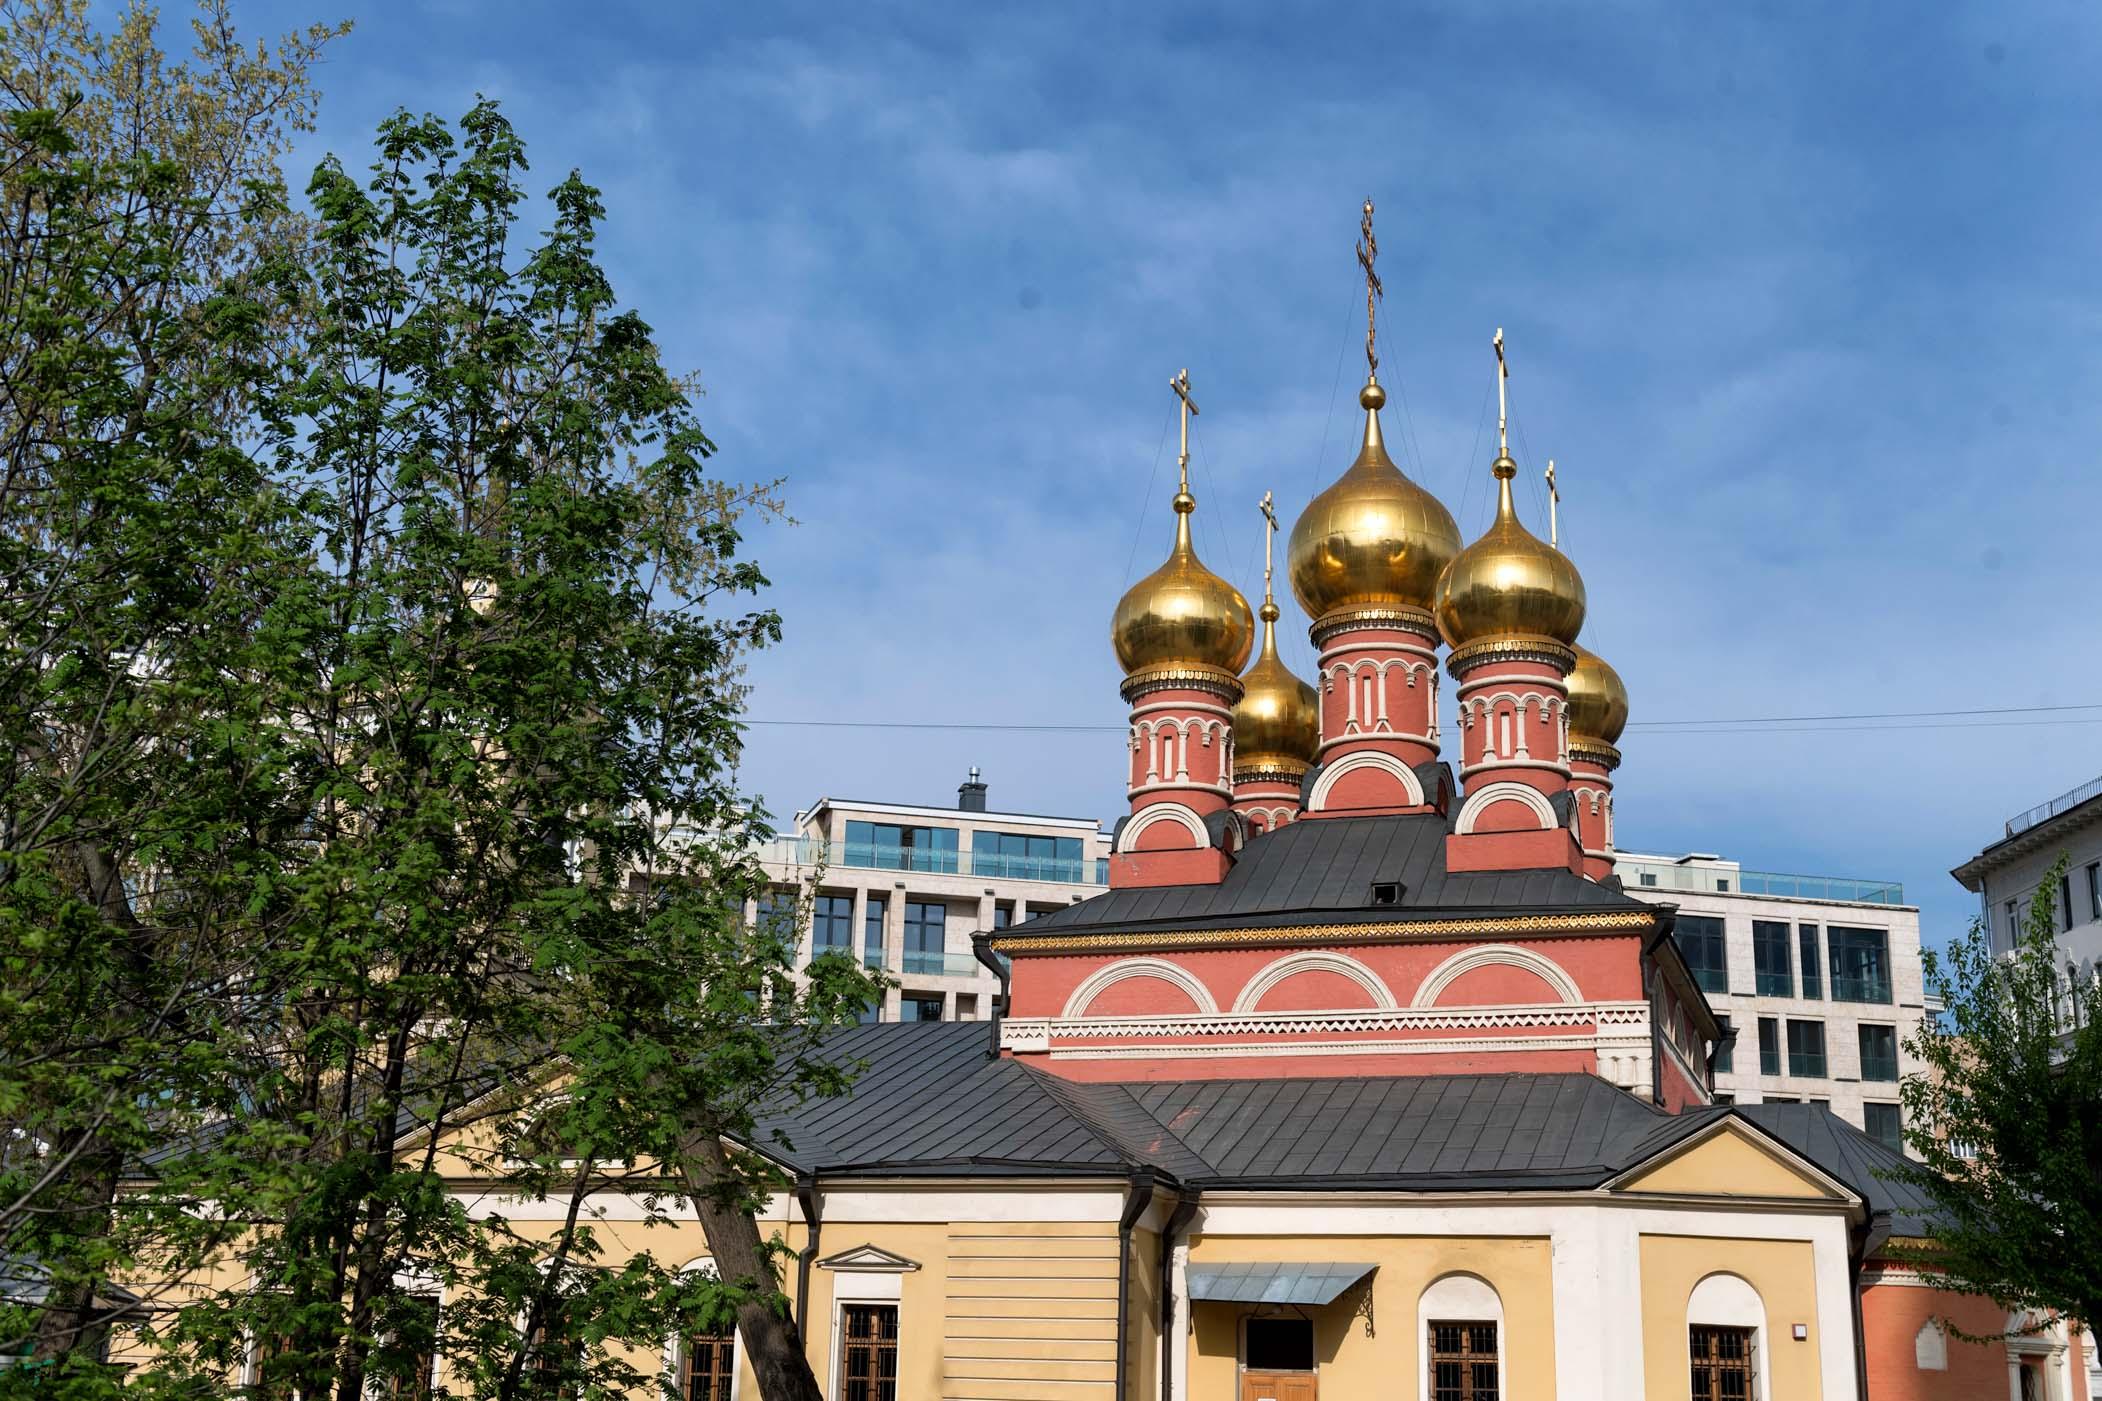 Строительная компания родные просторы Ижевск куплю ищу строительные и отделочные материалы